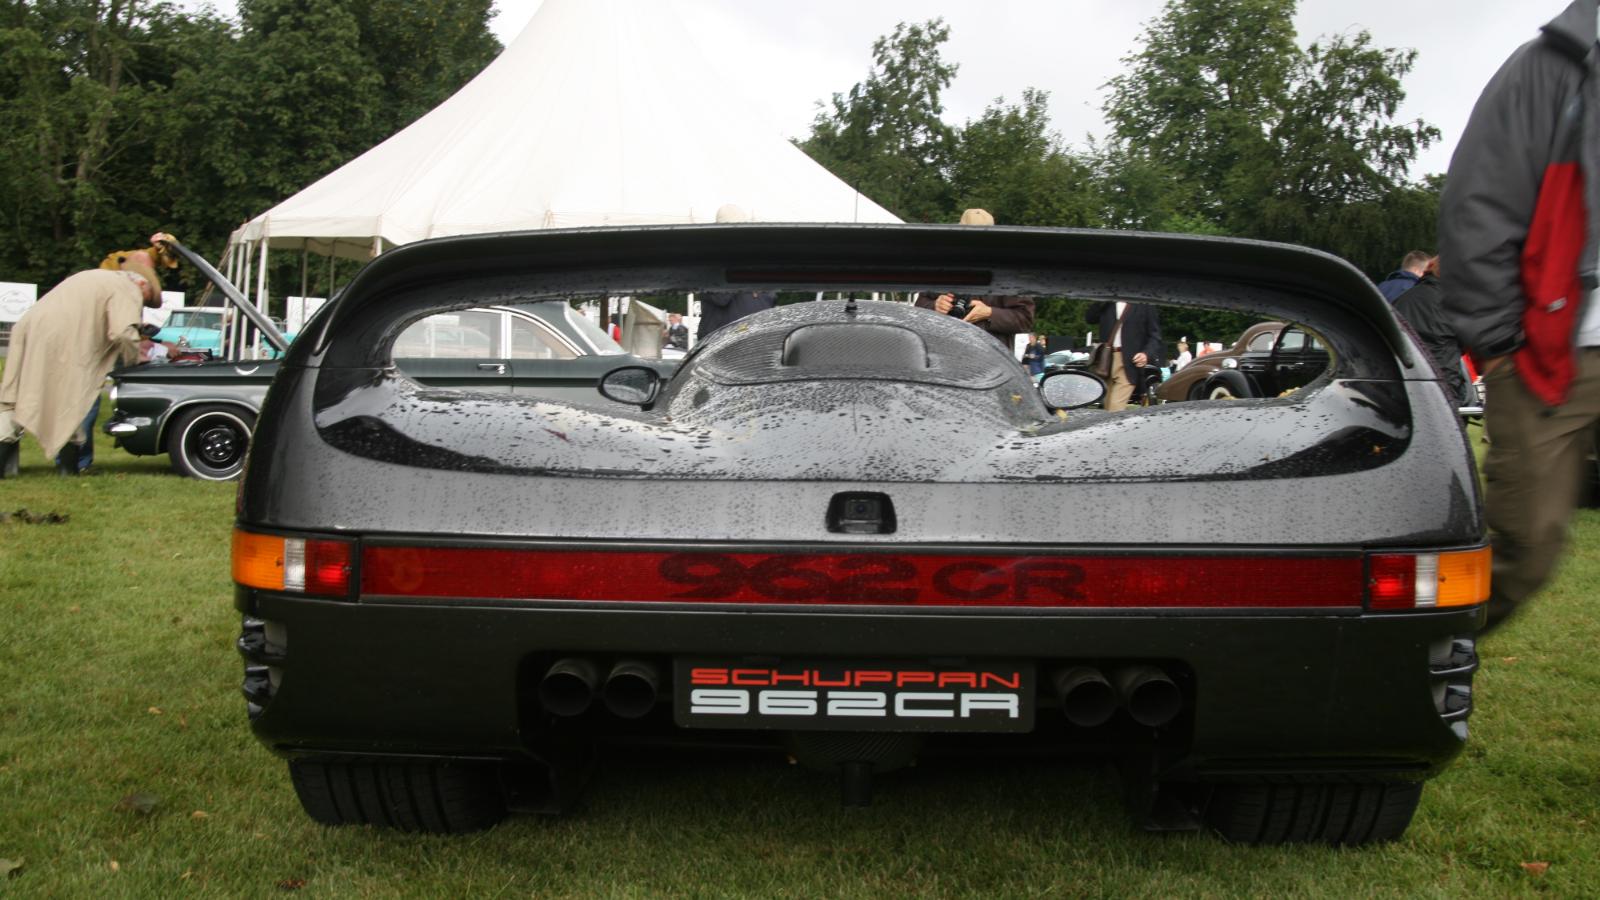 1993 Schuppan 962CR Visits Jay Leno